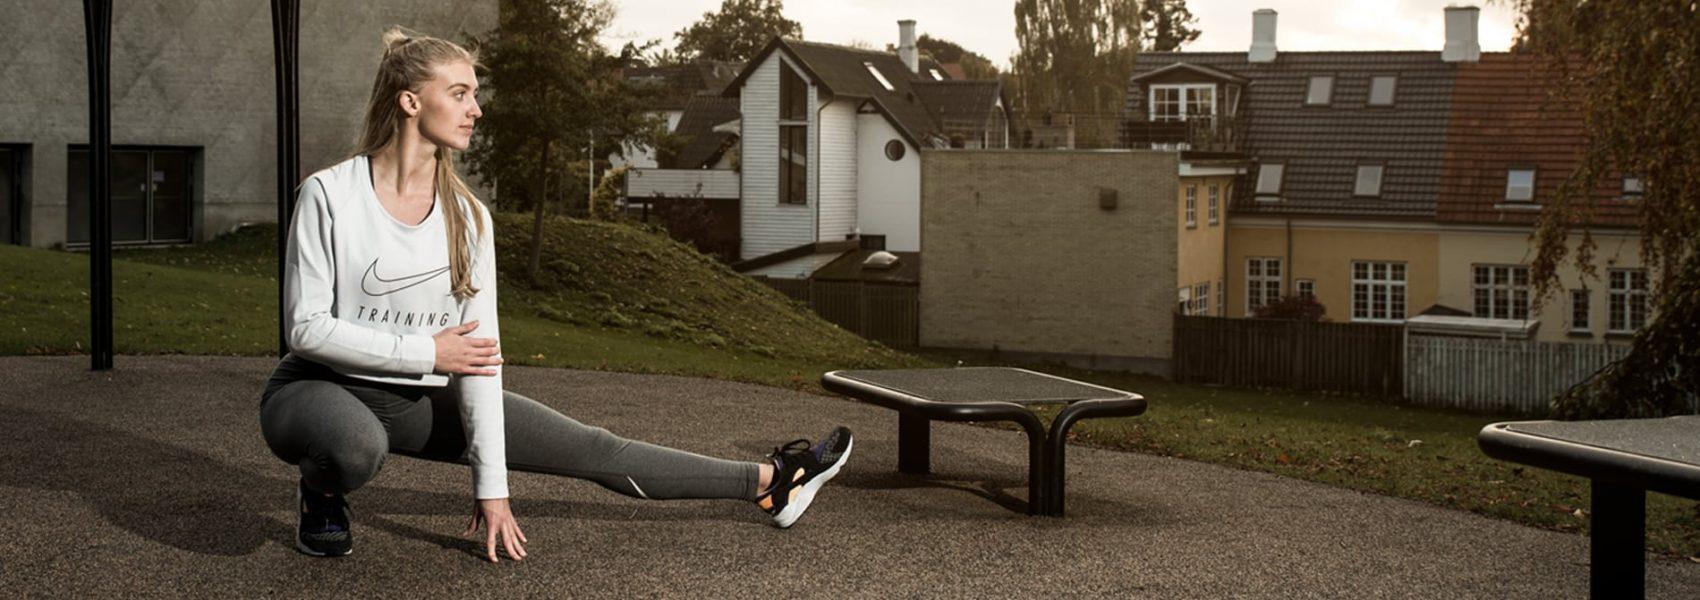 Udendoers fitnessredskab til traening i det fri minimal vedliogeholdelse